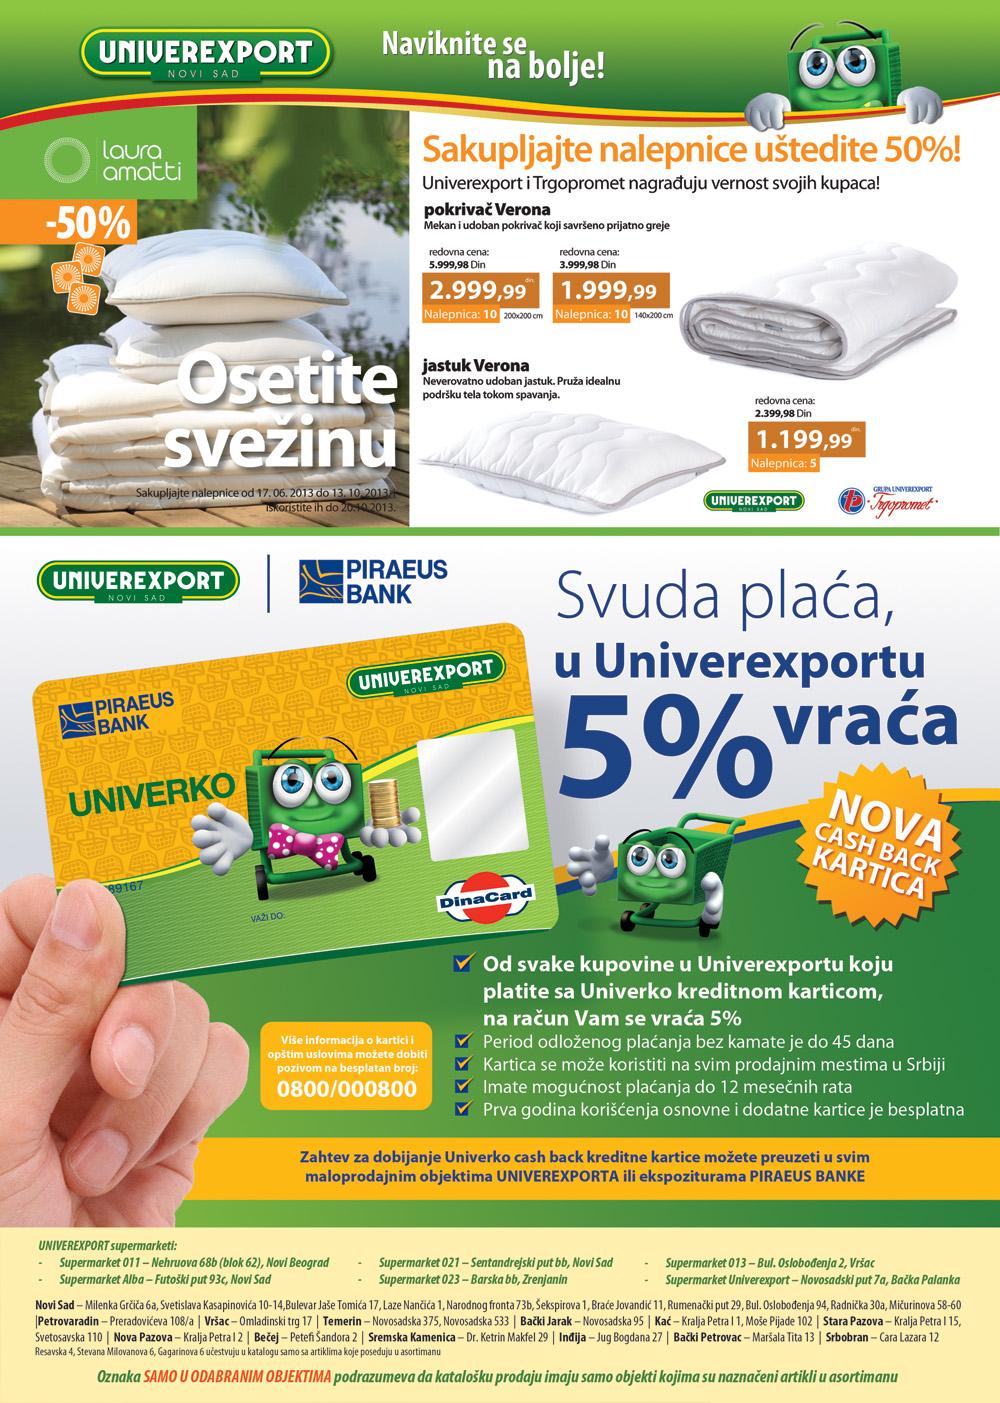 Univerexport katalog odlične ponude za vas